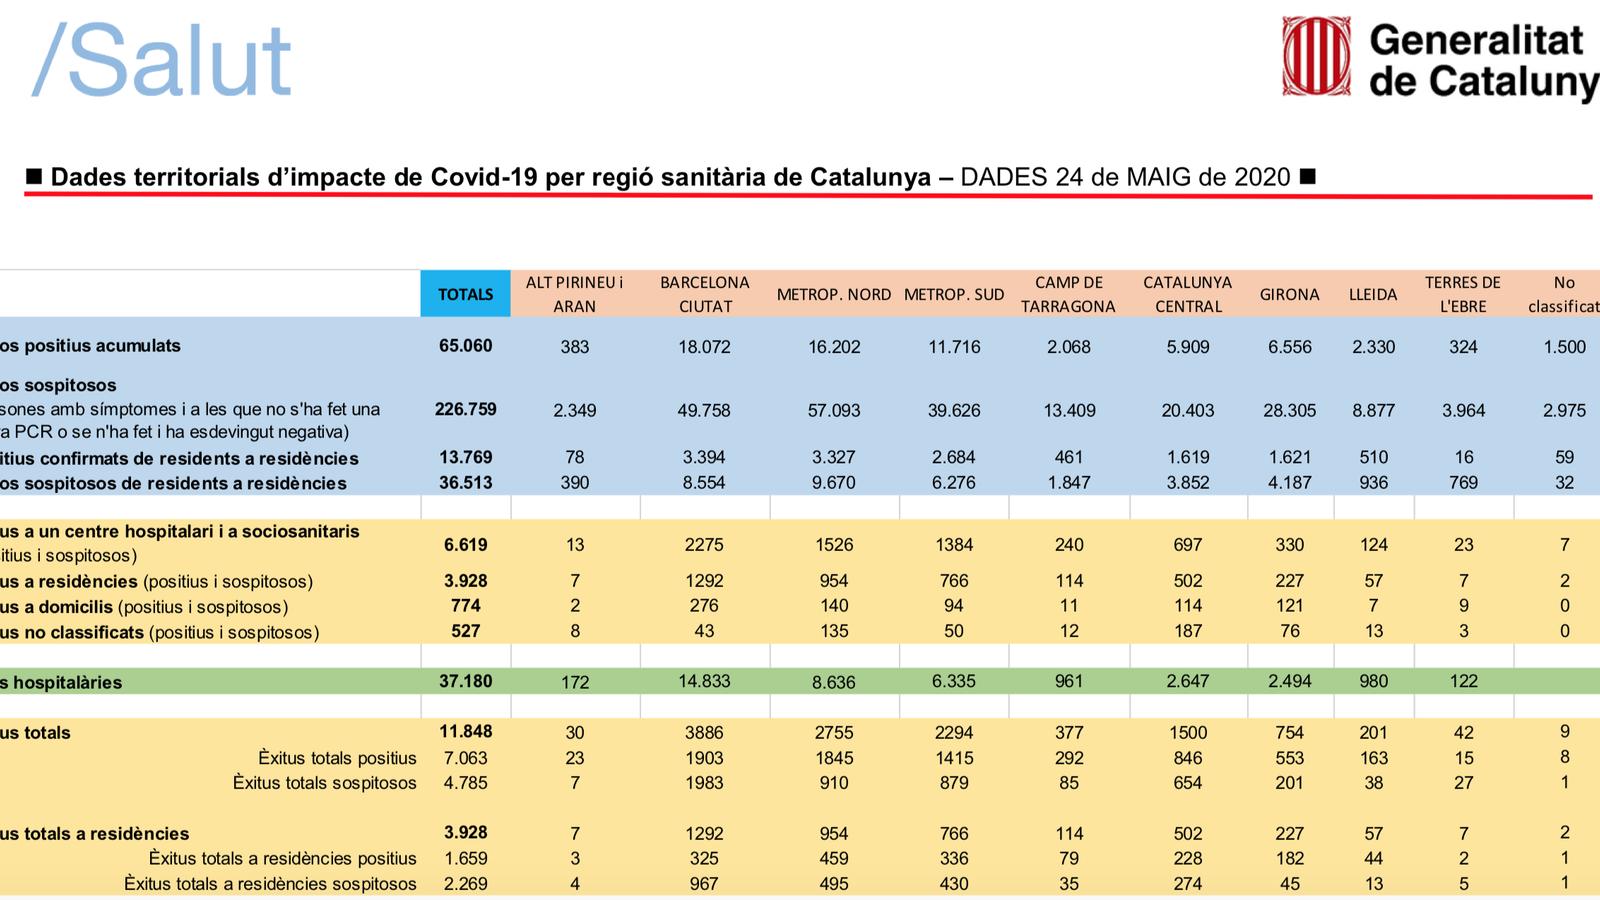 Gràfic amb les darreres dades disponibles a Catalunya. / SALUT GENERALITAT